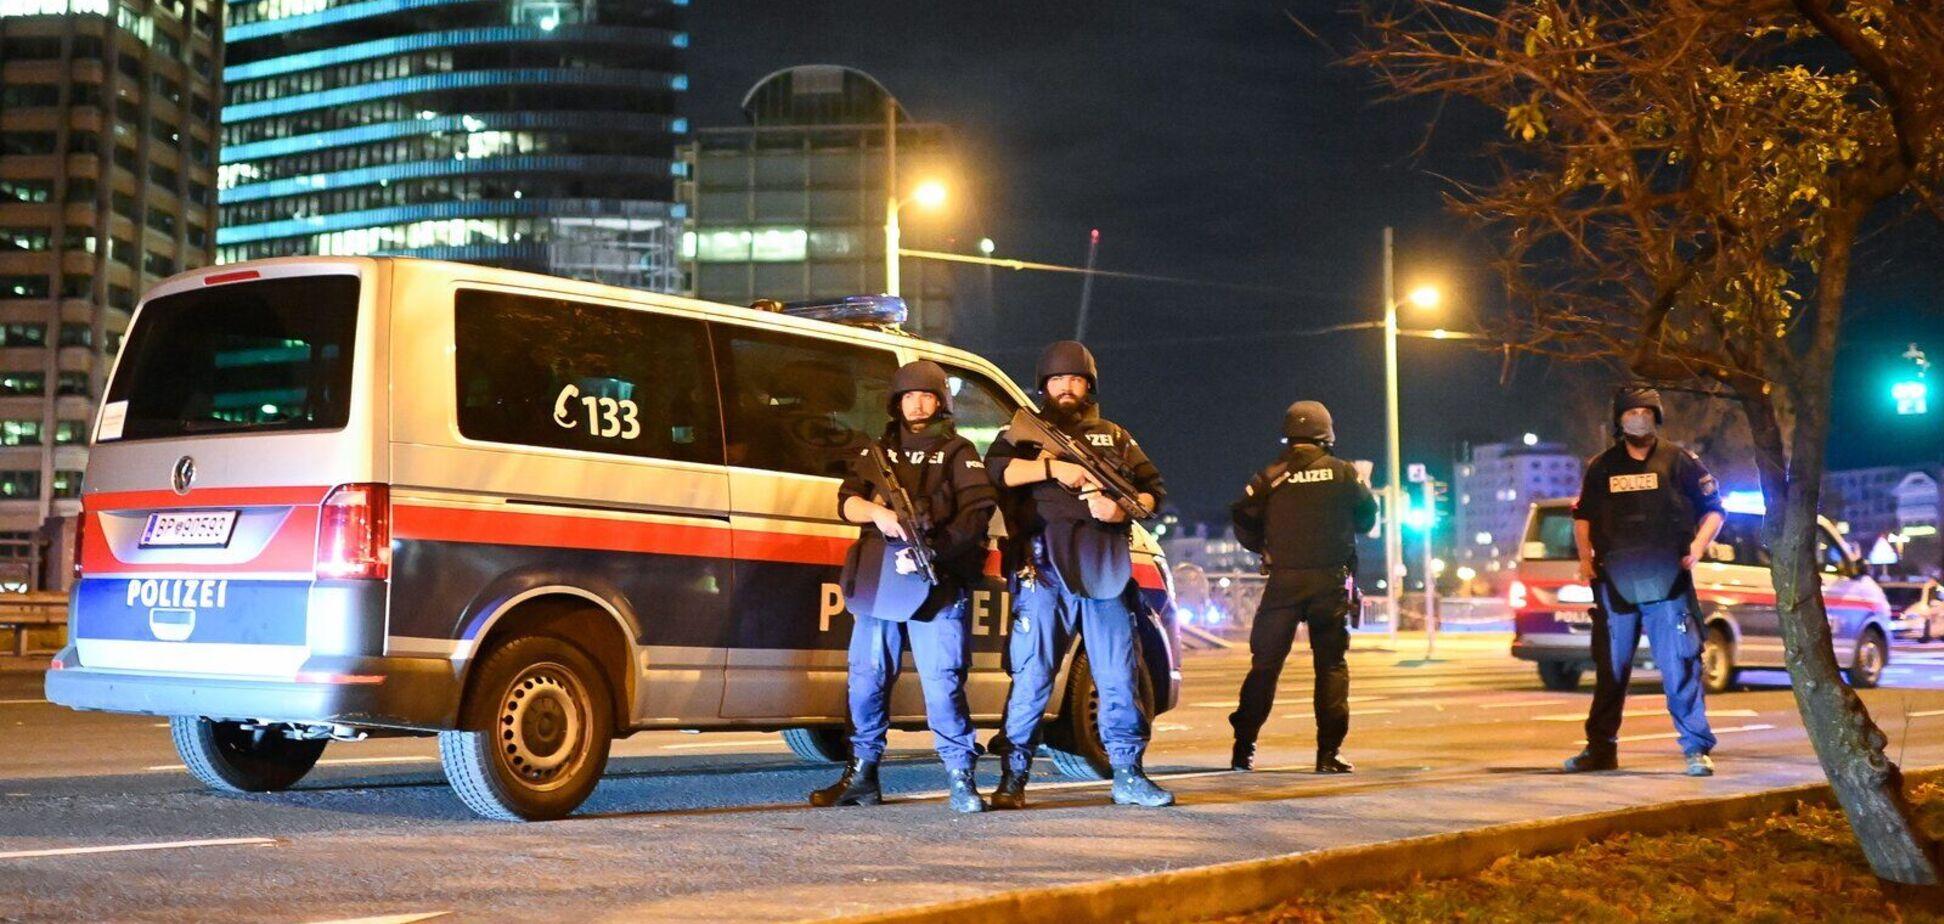 Стрілянину у Відні офіційно назвали терактом